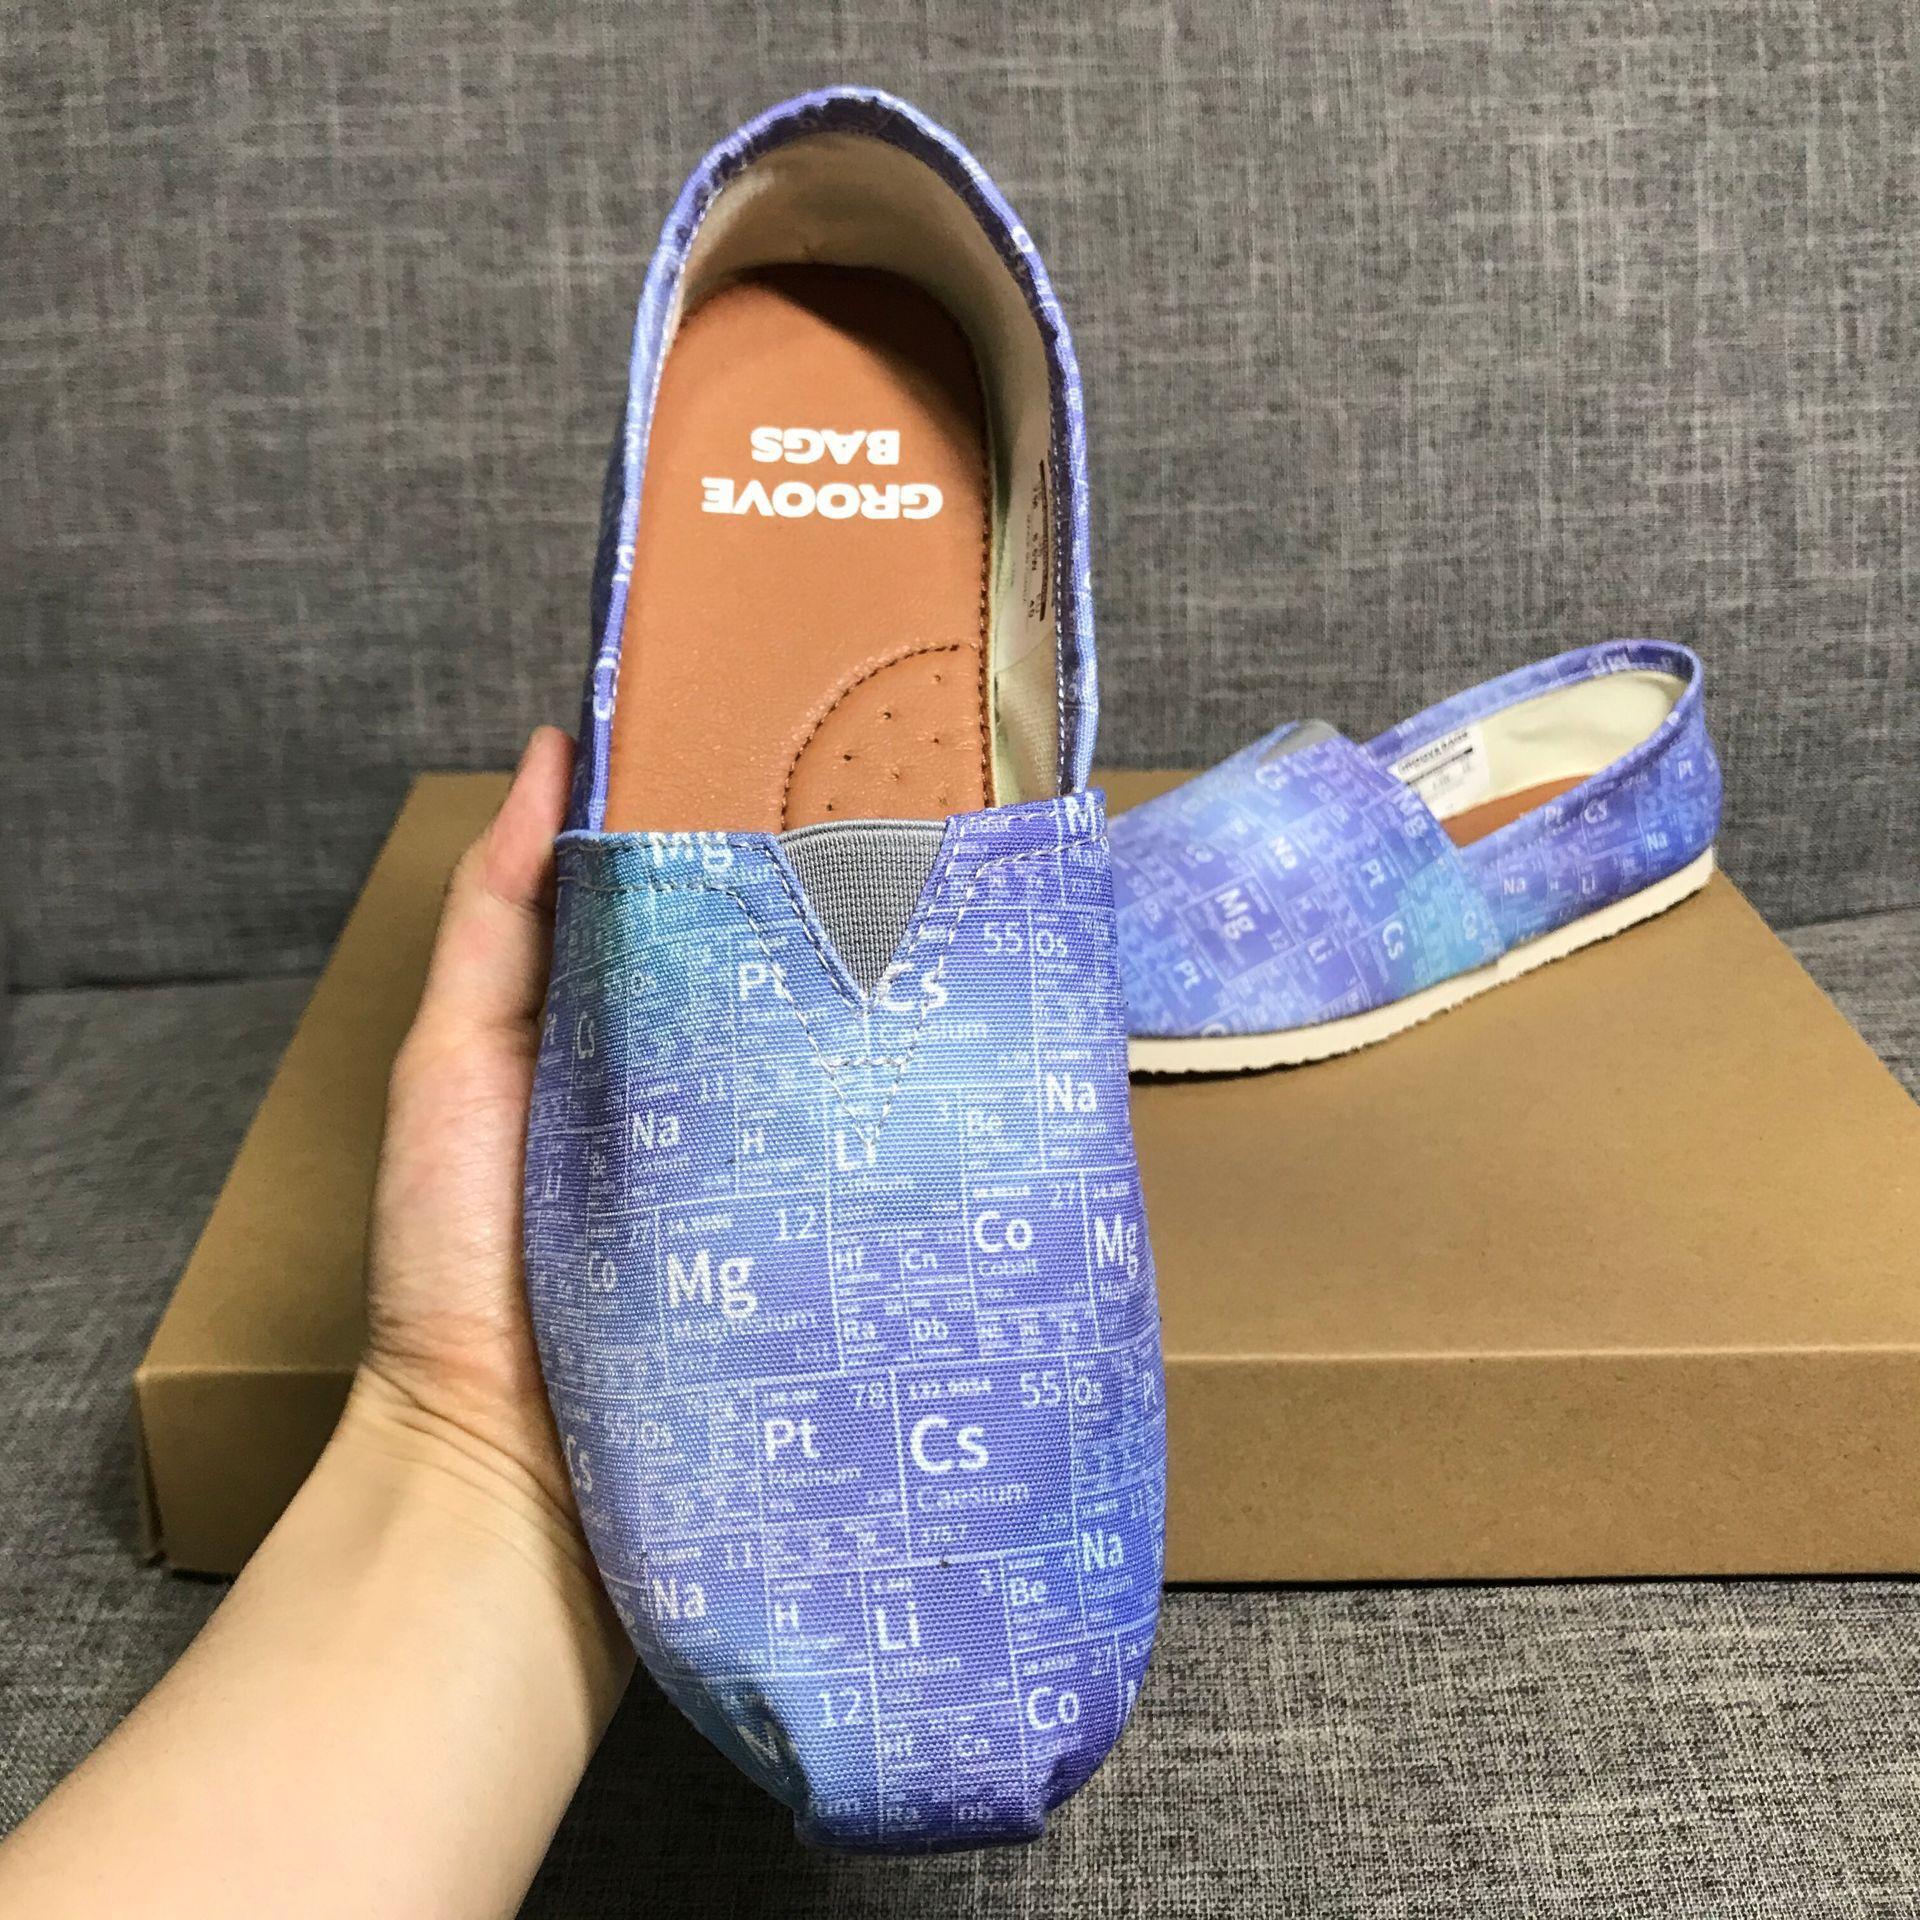 Glissement plat féminin sur la plate-forme de chaussures Espadrilles dame brodé confortables chaussures de sport baskets Mocassins Pêcheur Zapatos